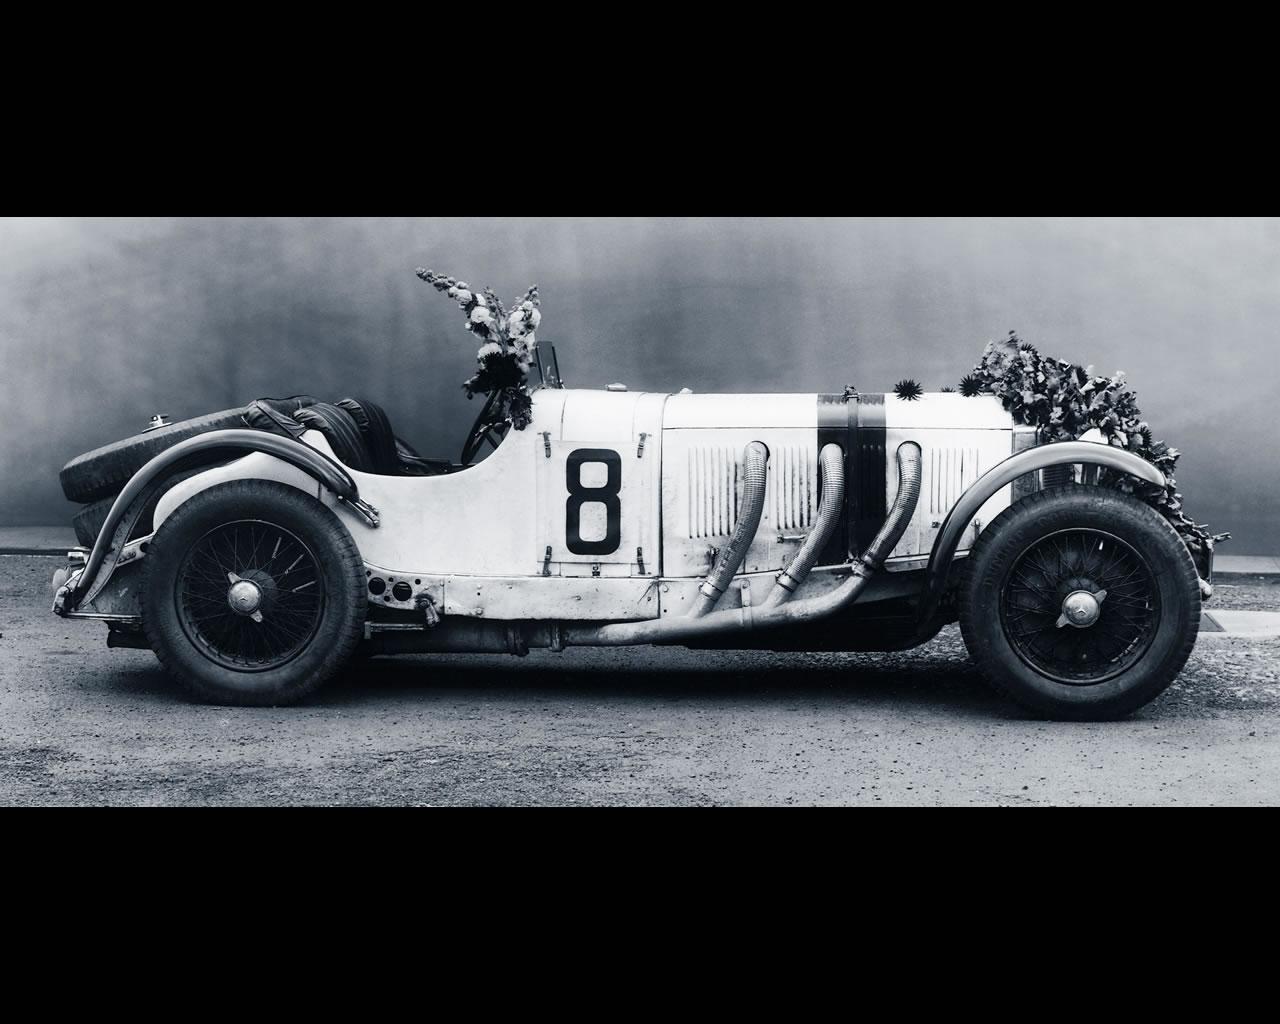 Mercedes-benz-super-sport-kurz-ssk-1928-8.jpg